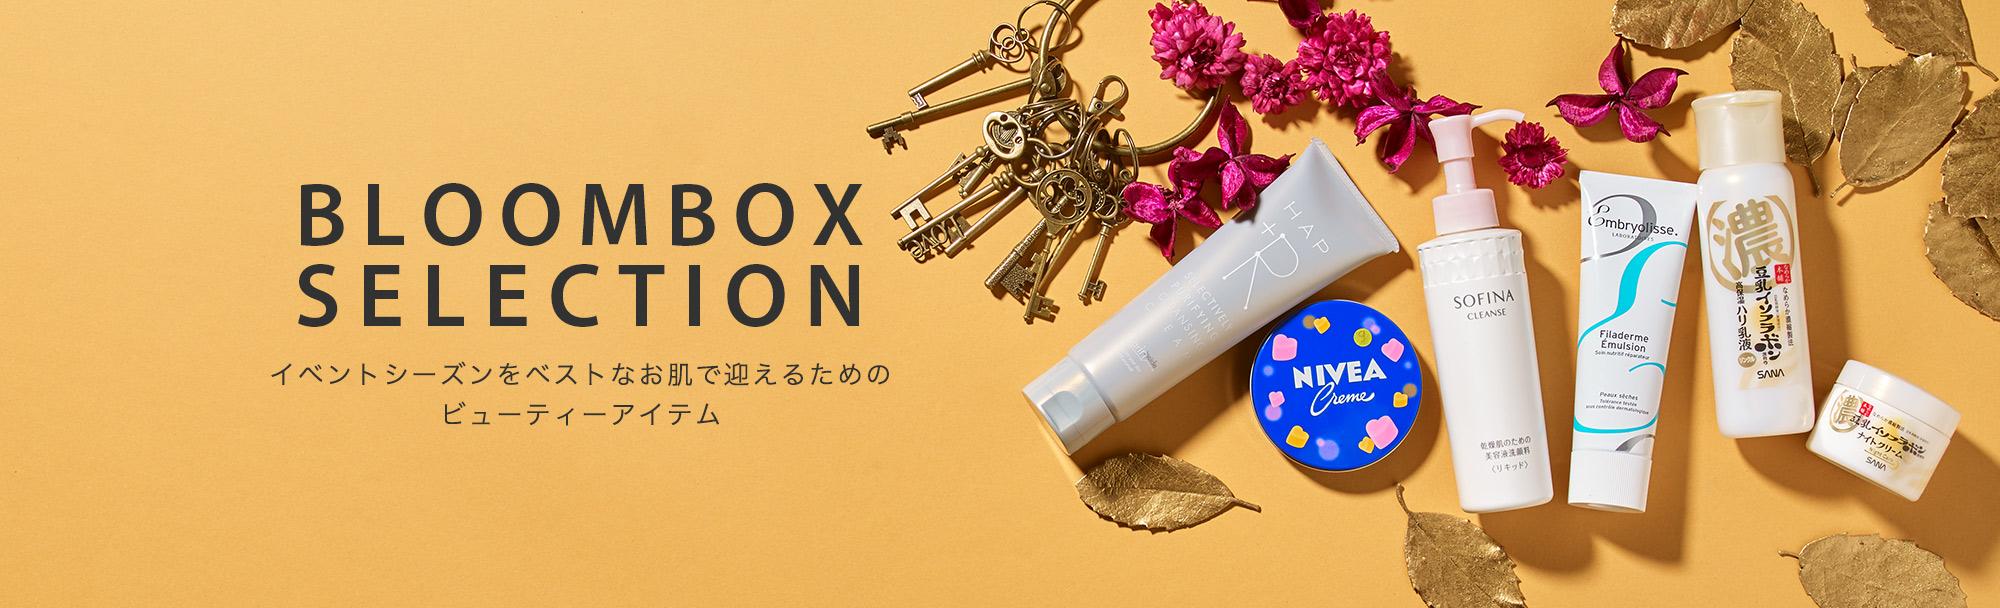 BLOOMBOX SELECTION イベントシーズンをベストなお肌で迎えるためのビューティーアイテム